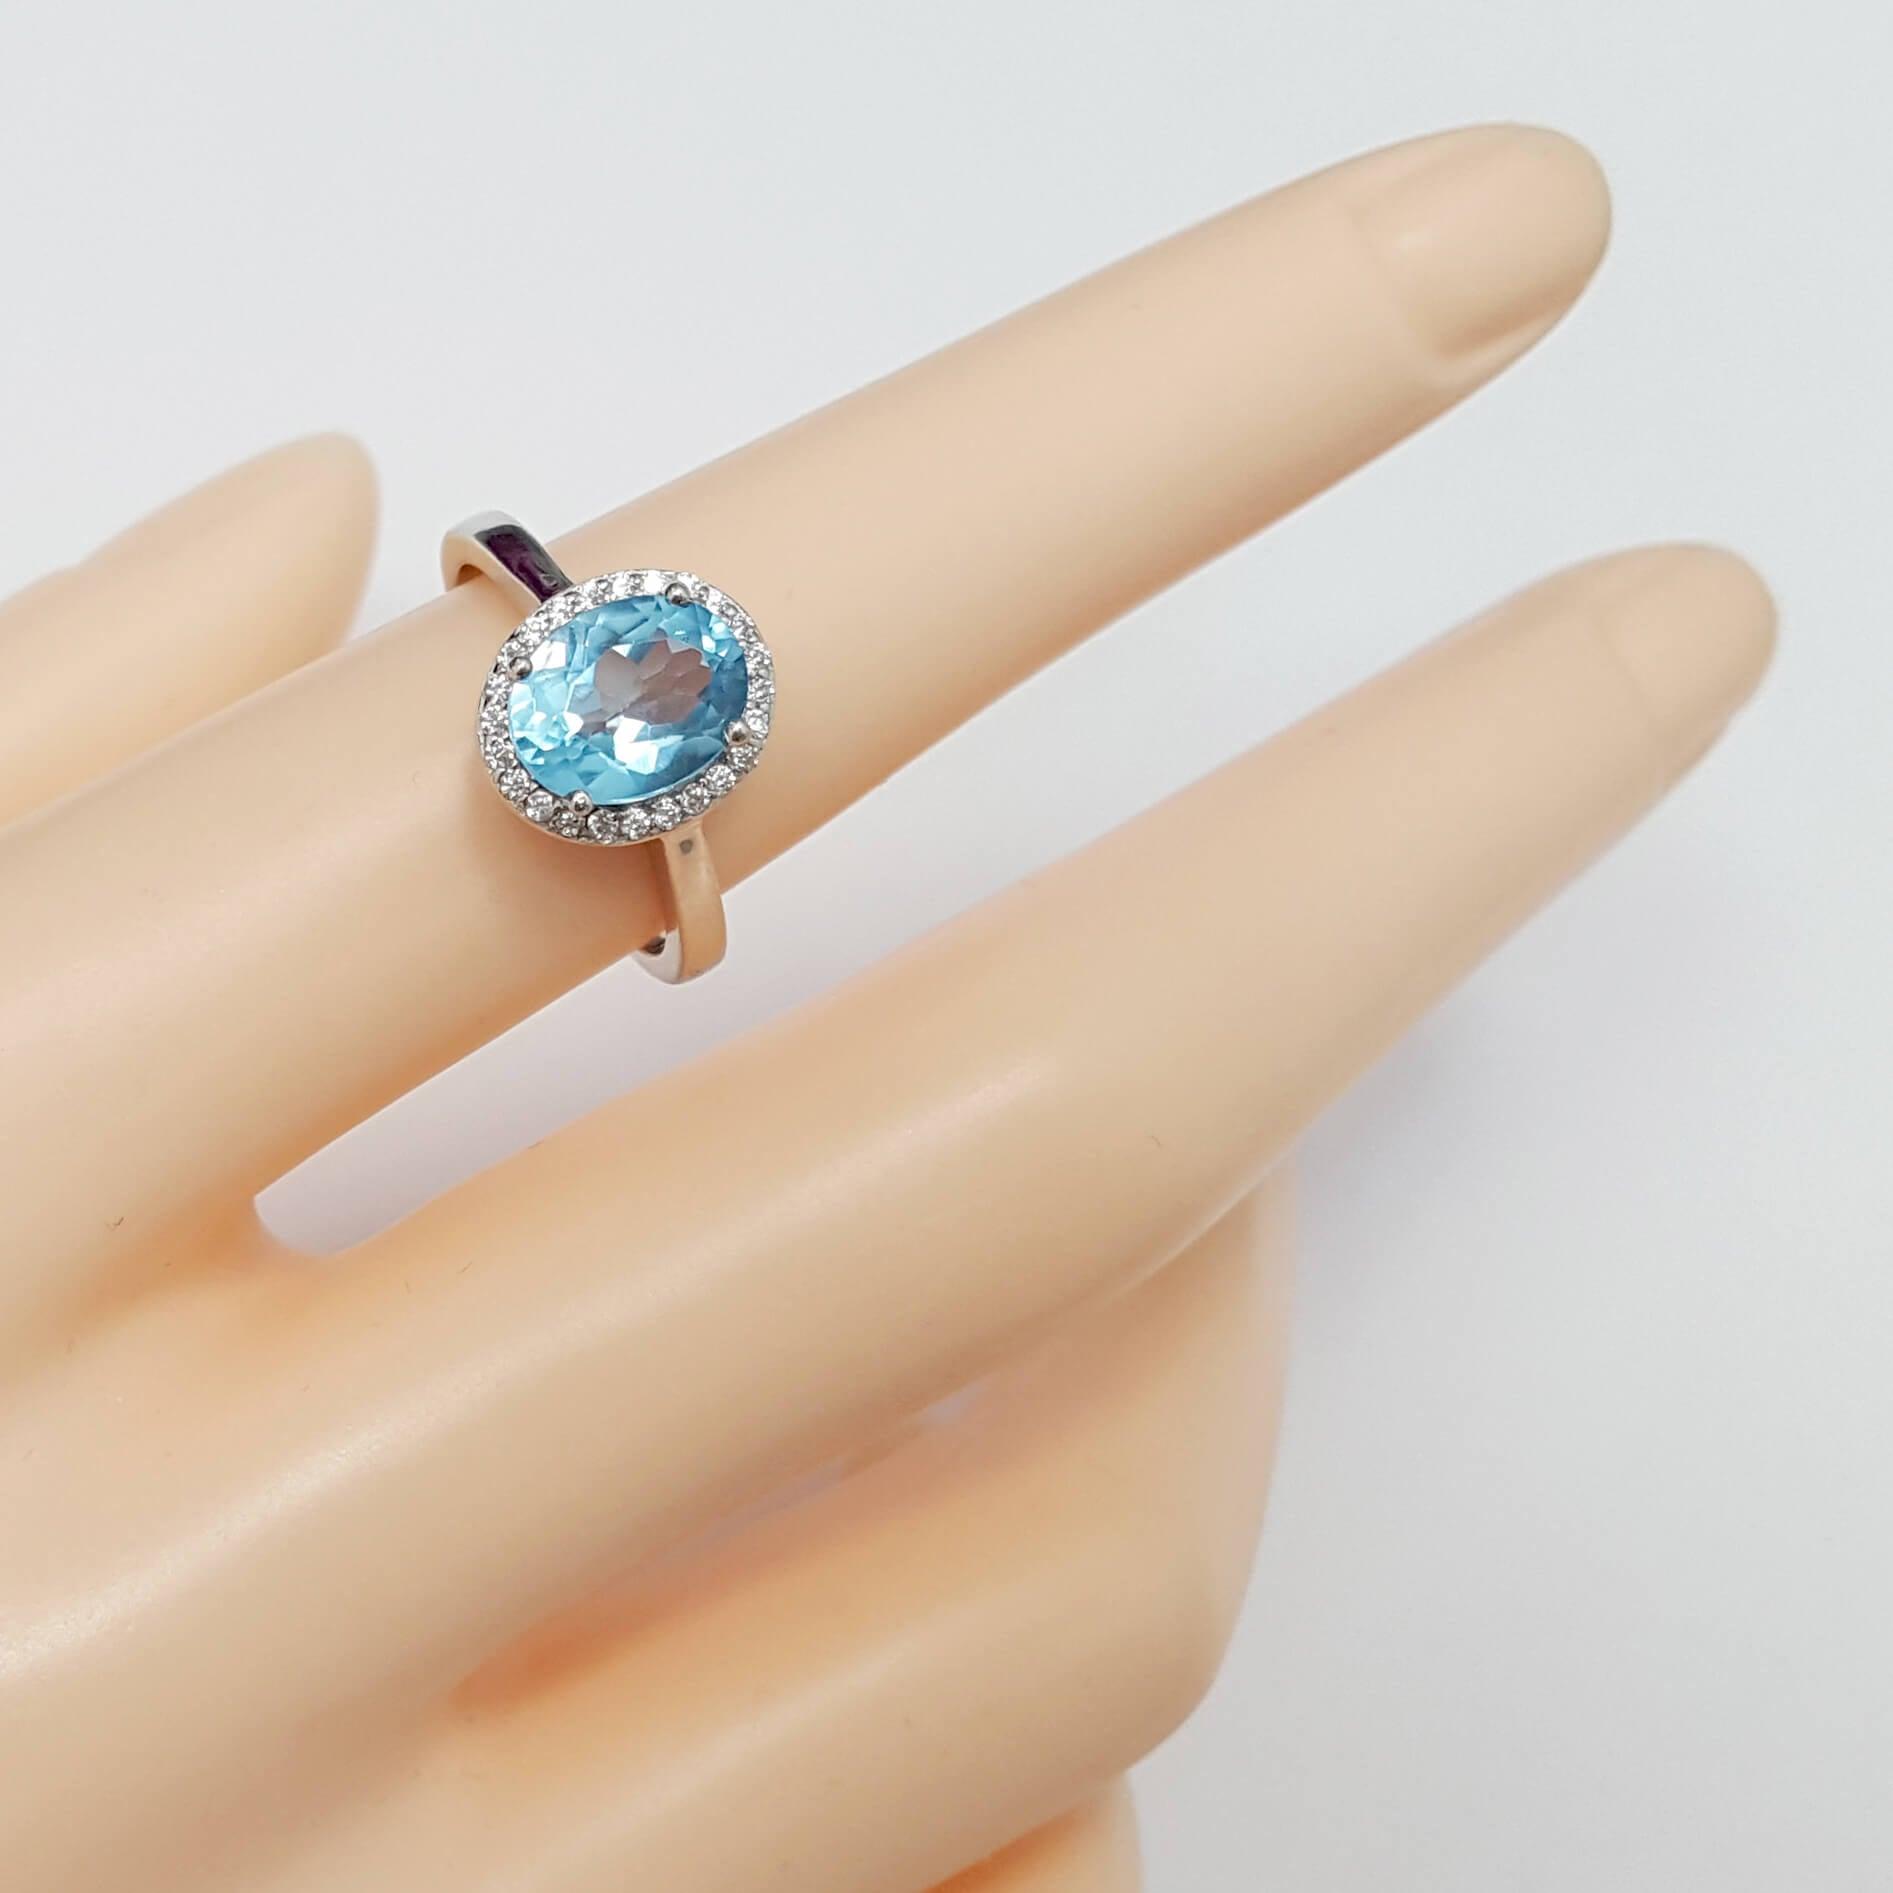 טבעת מכסף משובצת אבן טופז כחולה מרכזית וזרקונים RG1567 | תכשיטי כסף 925 | טבעות כסף